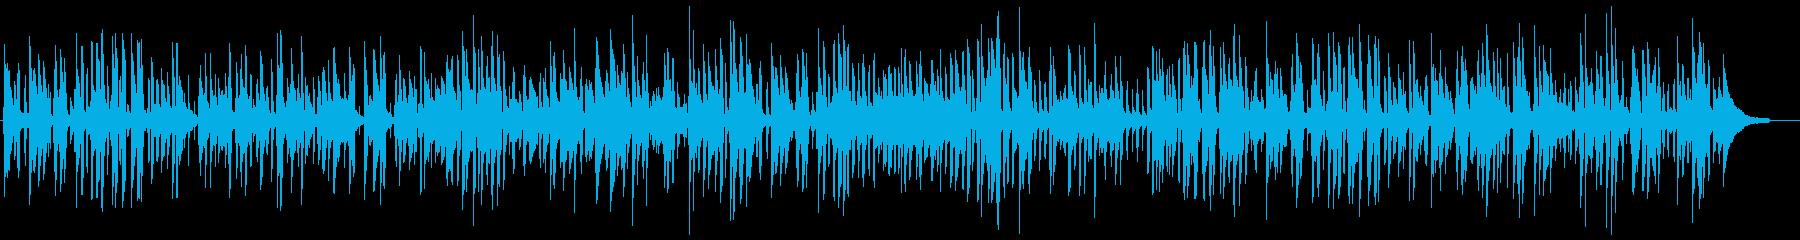 おしゃれなバーのソフトピアノジャズの再生済みの波形